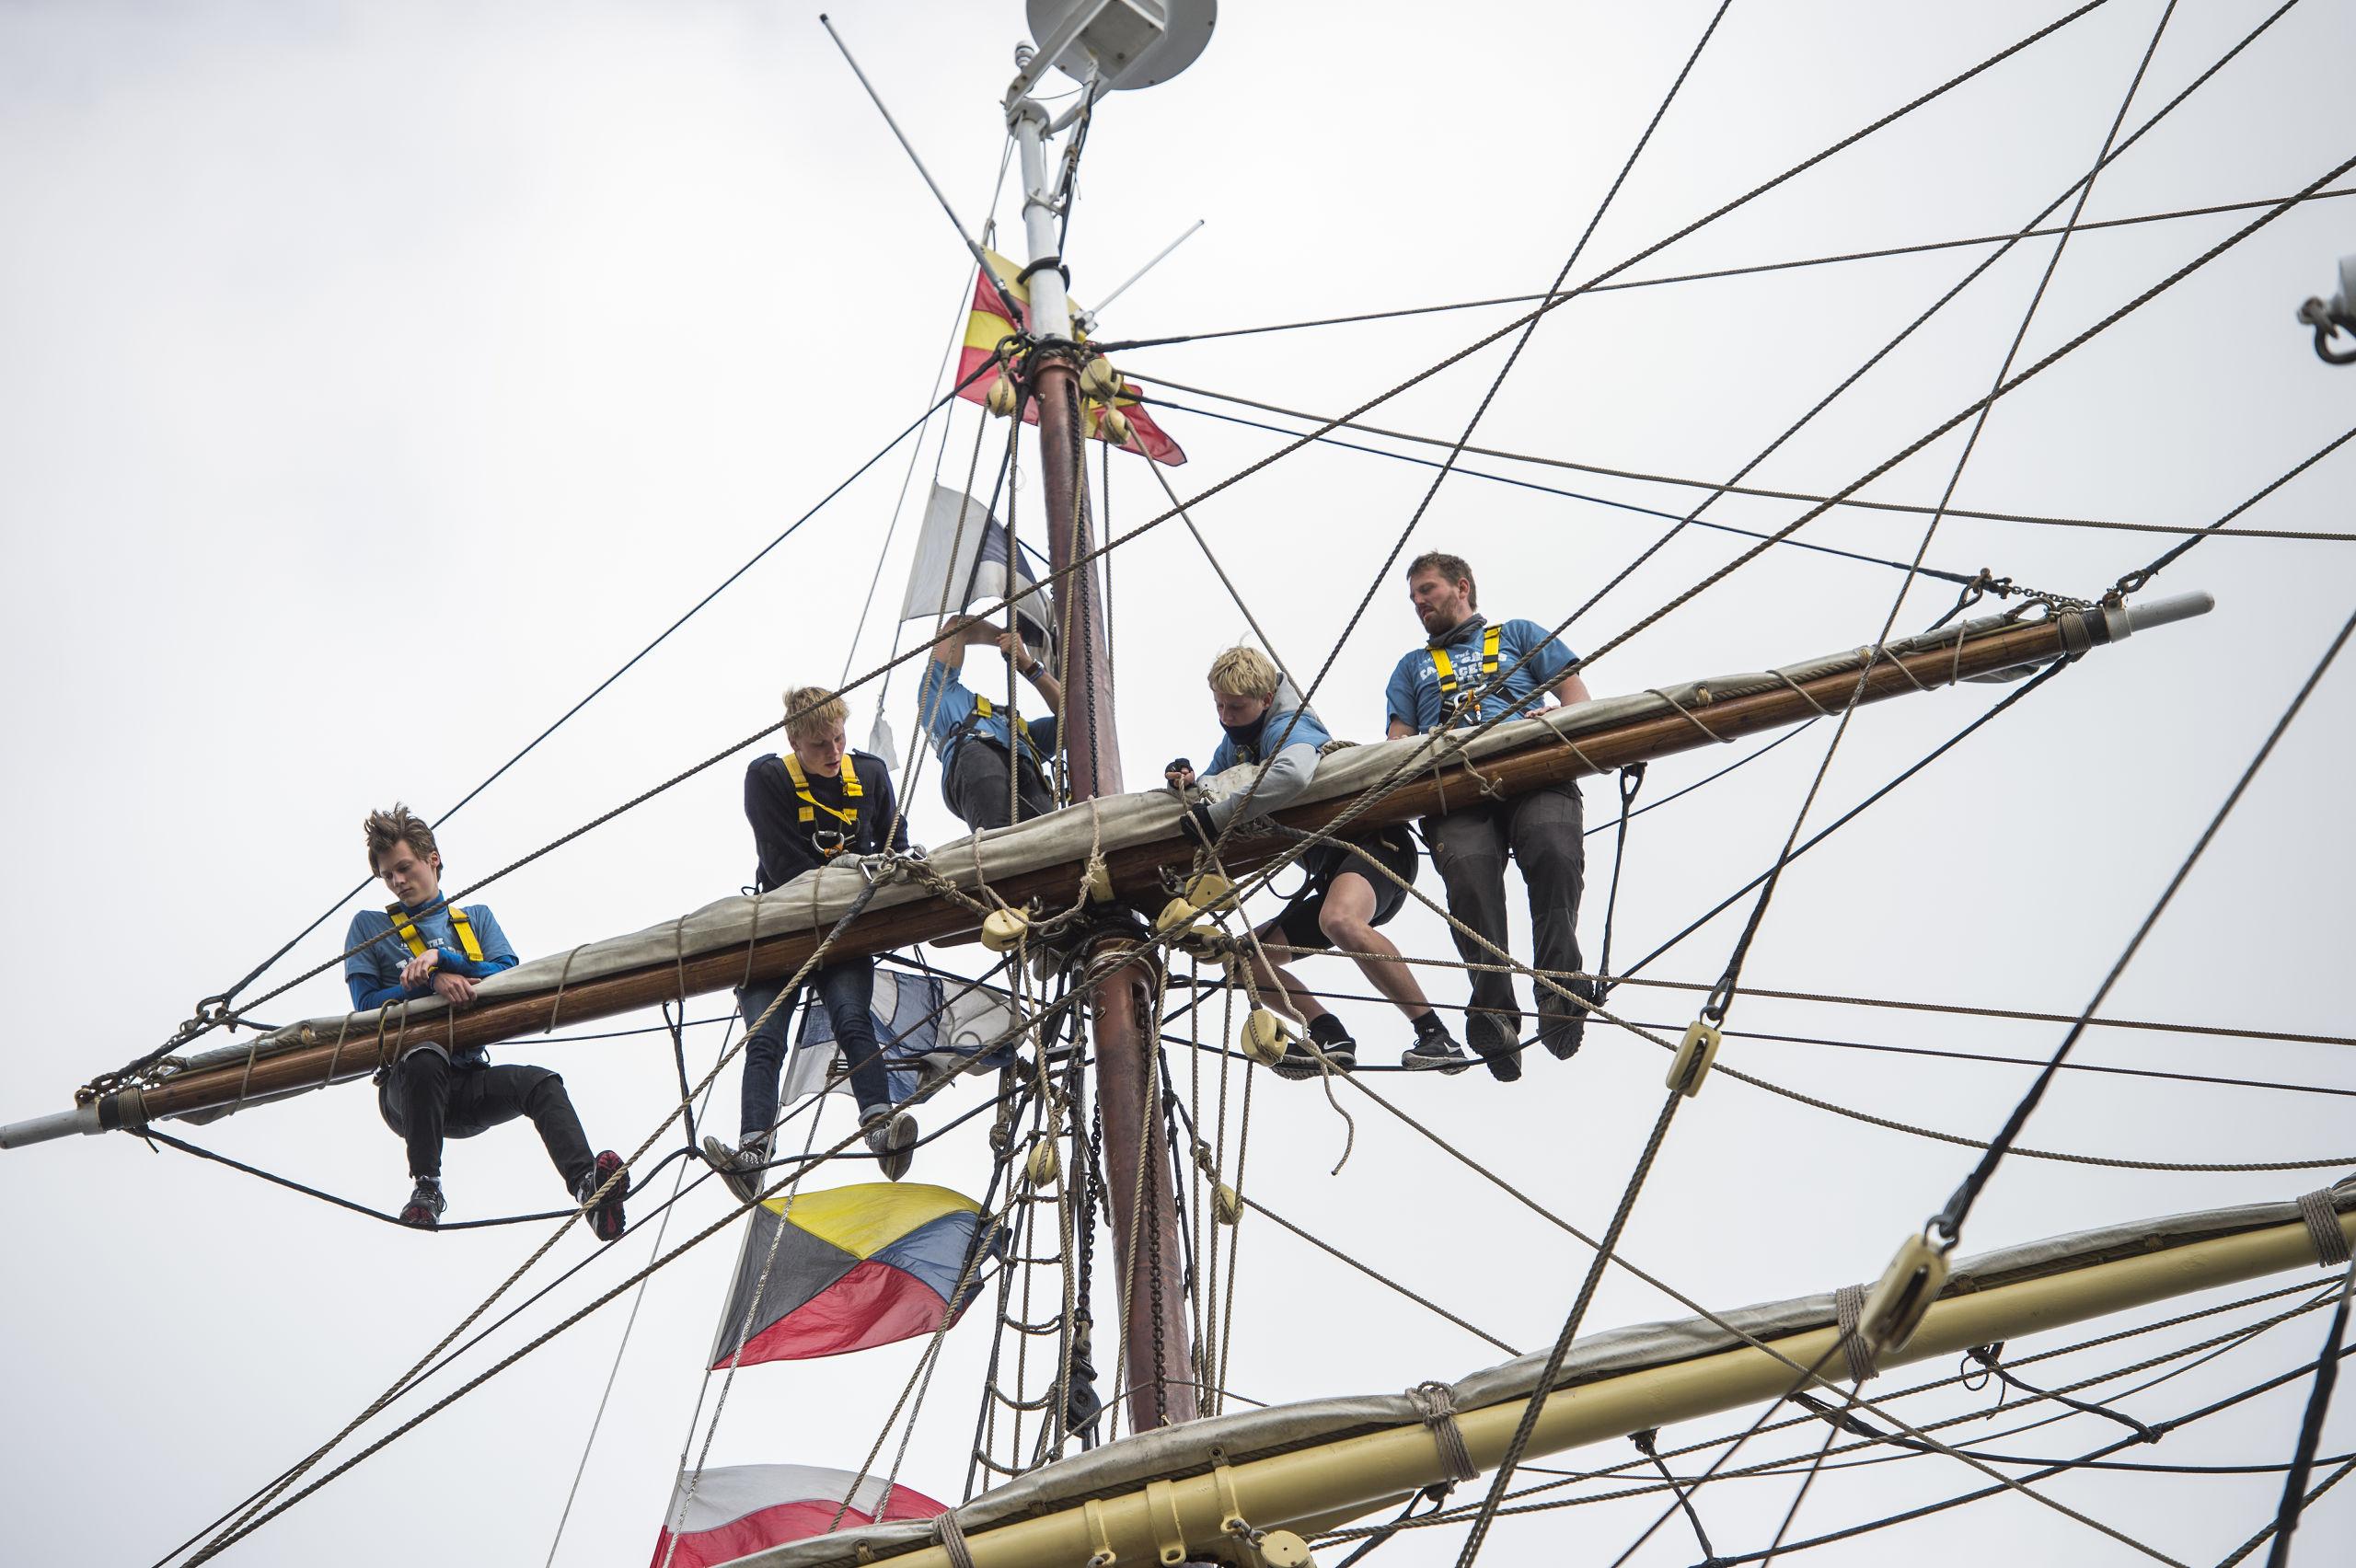 Der er både pligter og tid til sociale arrangementer, når man er ombord. Arkivfoto: Laura Guldhammer